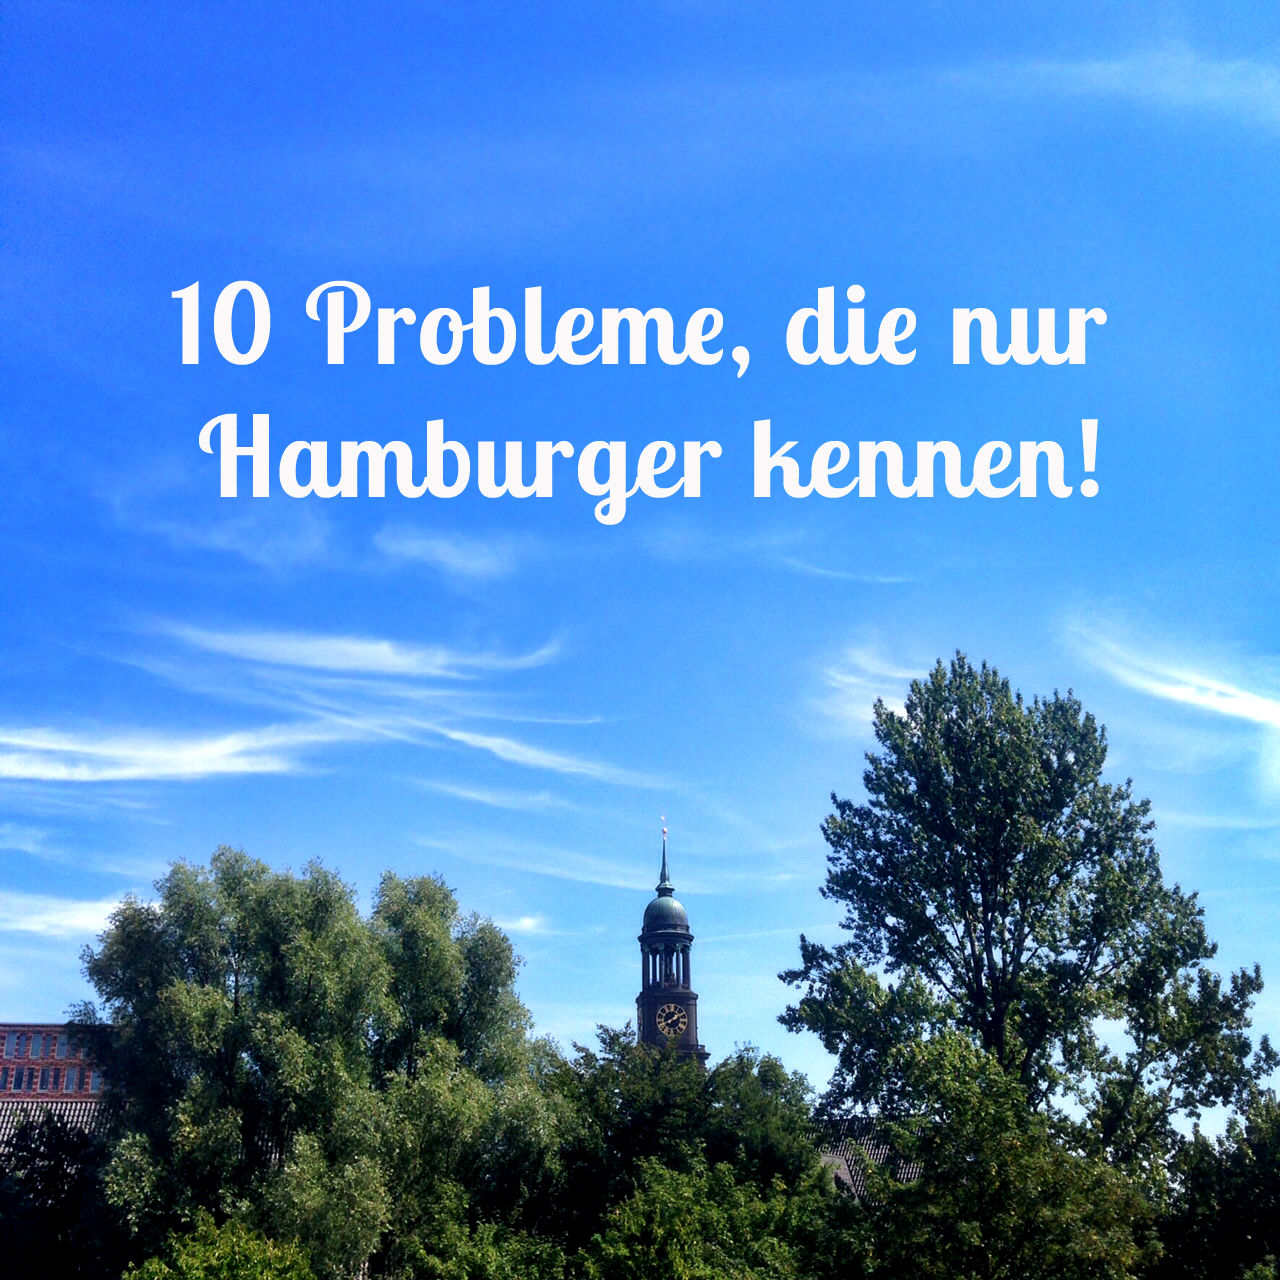 10 Probleme, die nur Hamburger kennen